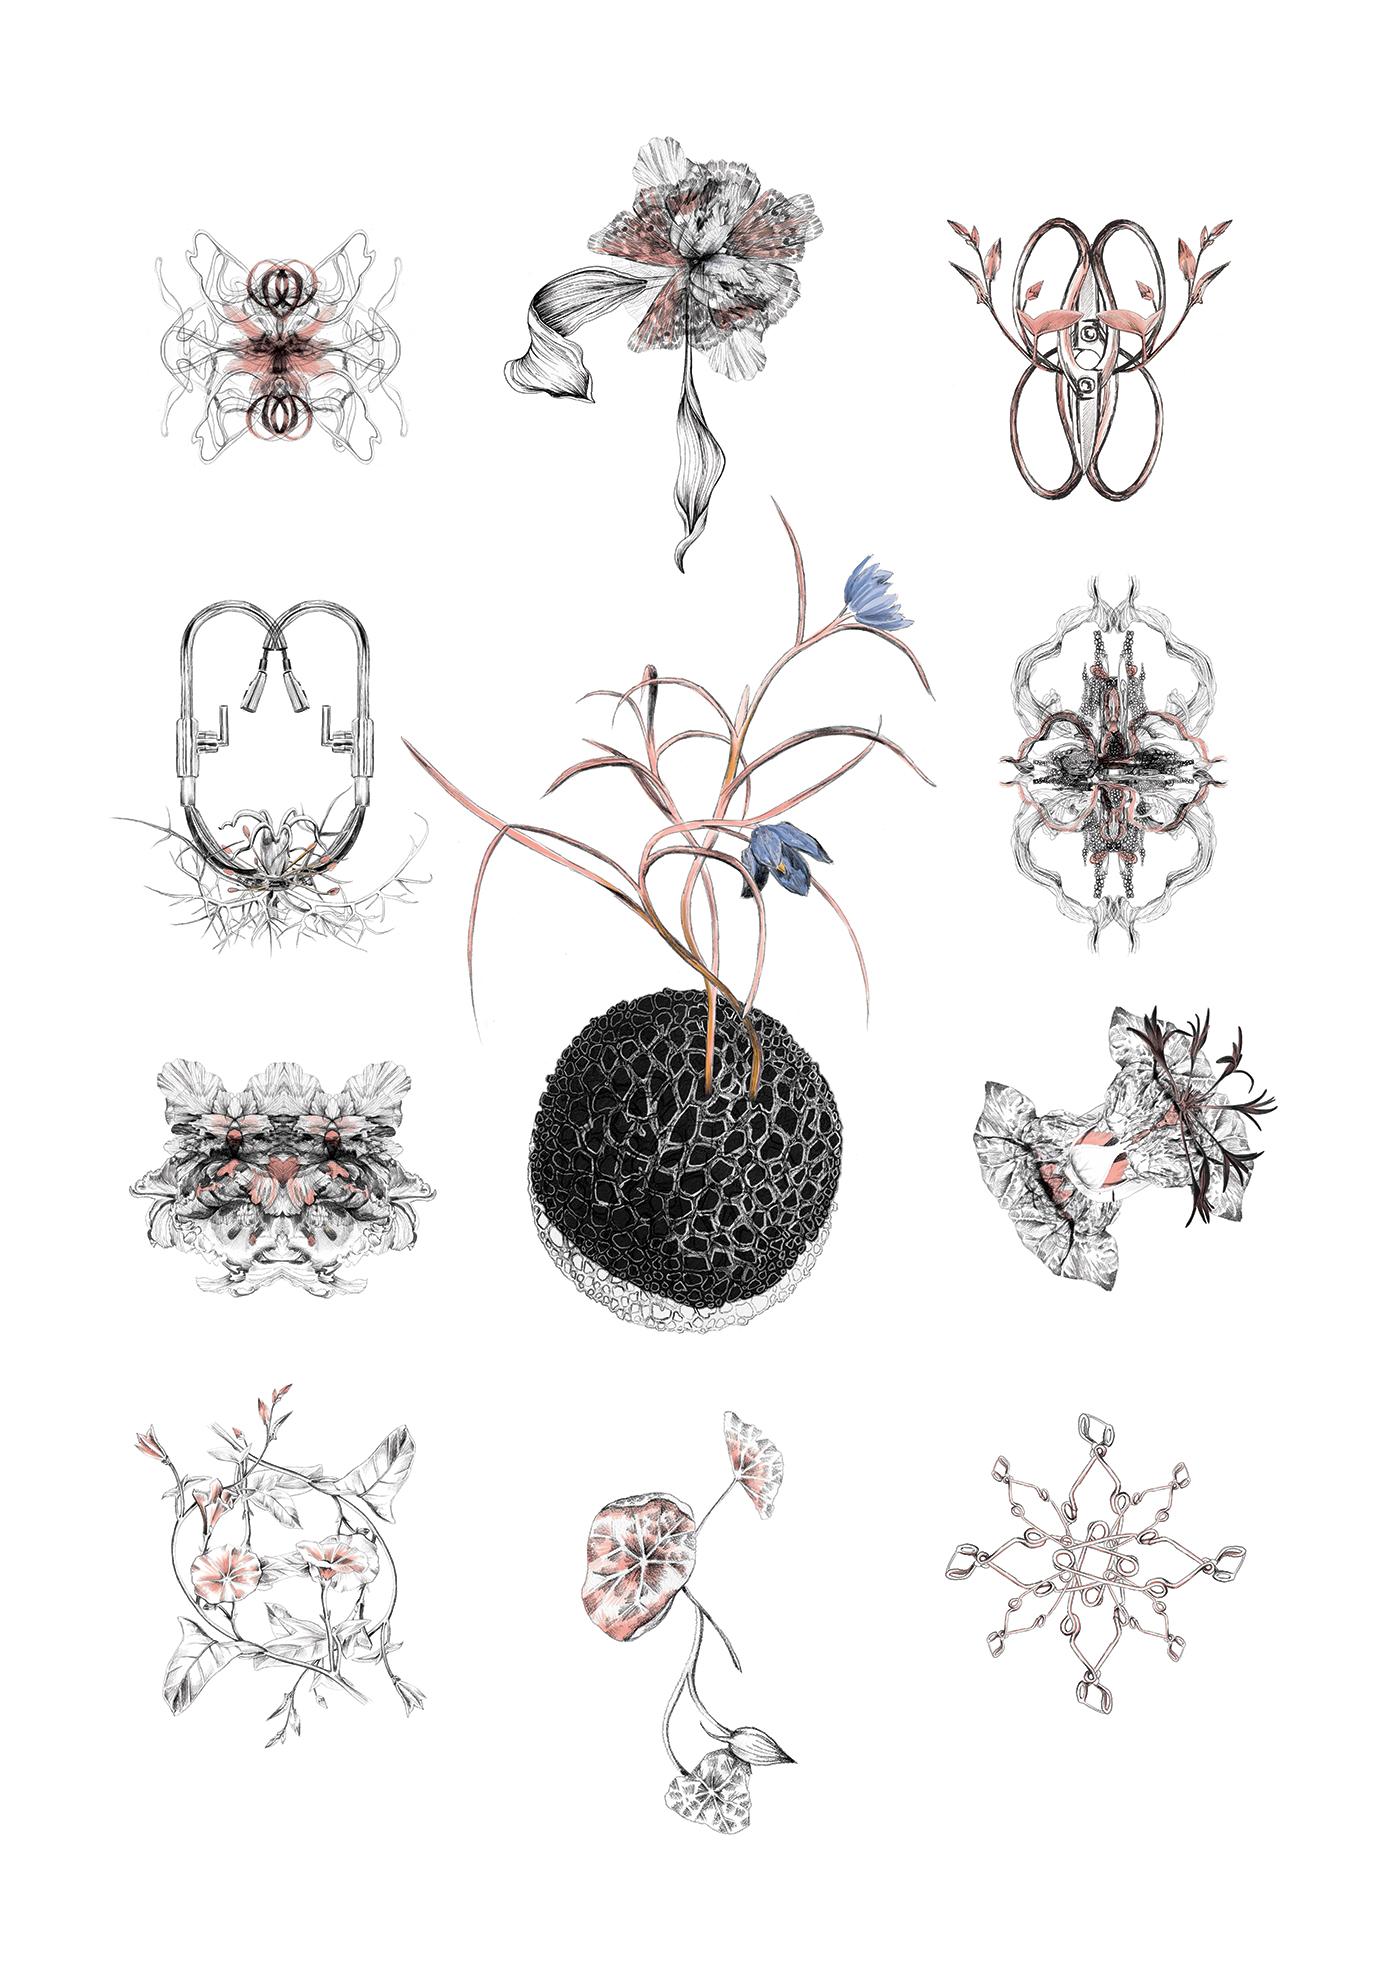 fig. 2. Respiring Organisms